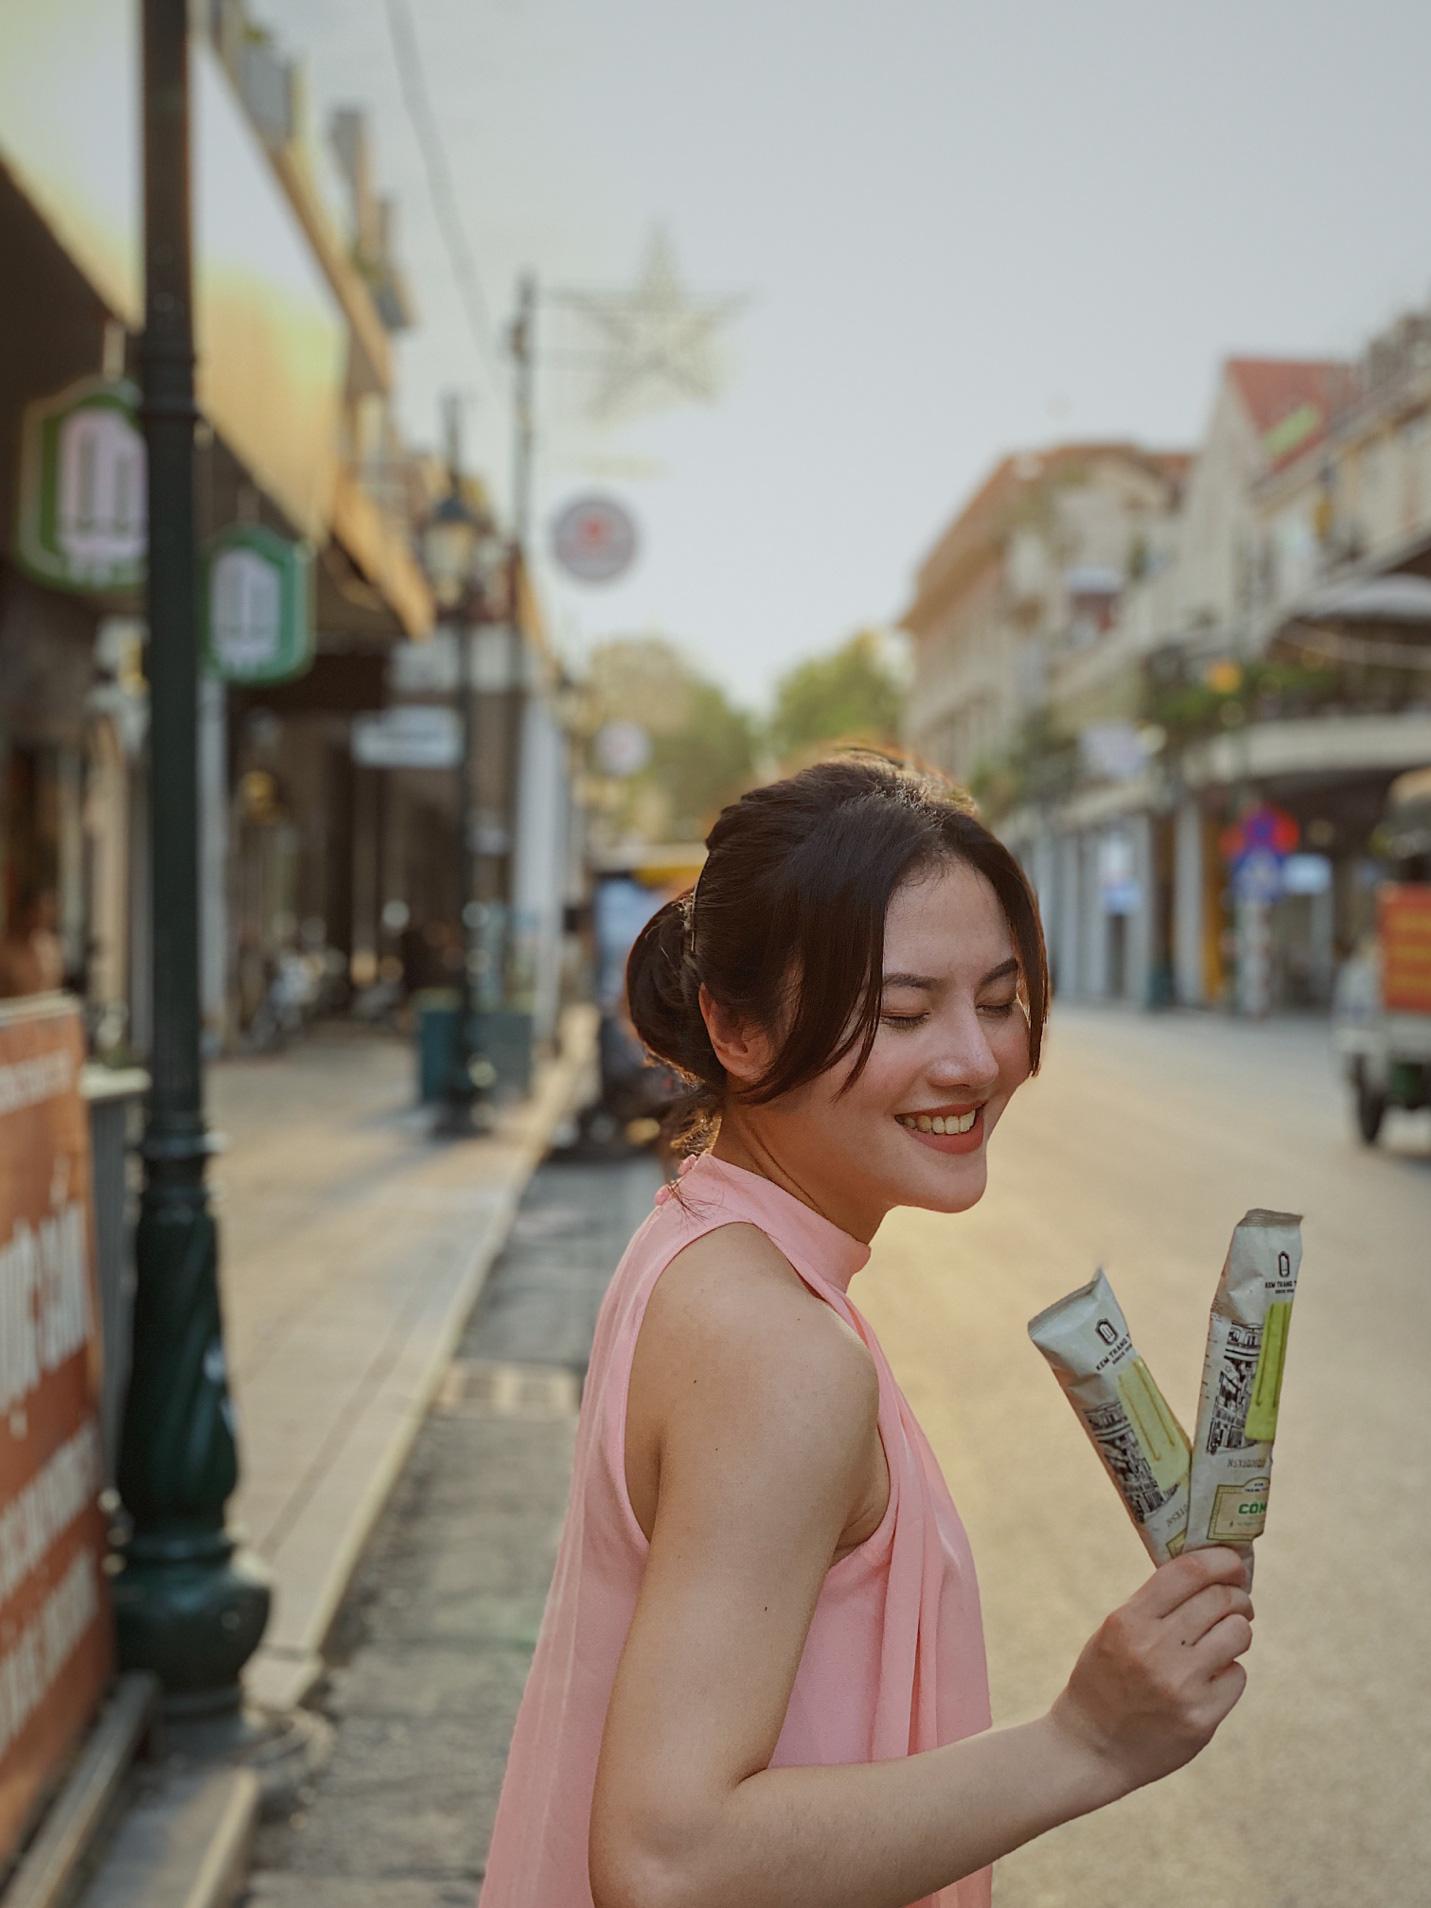 Dường như cả Hà Nội đều đang đổ về phố Tràng Tiền ăn kem, check-in với tàu điện xưa! - Ảnh 10.